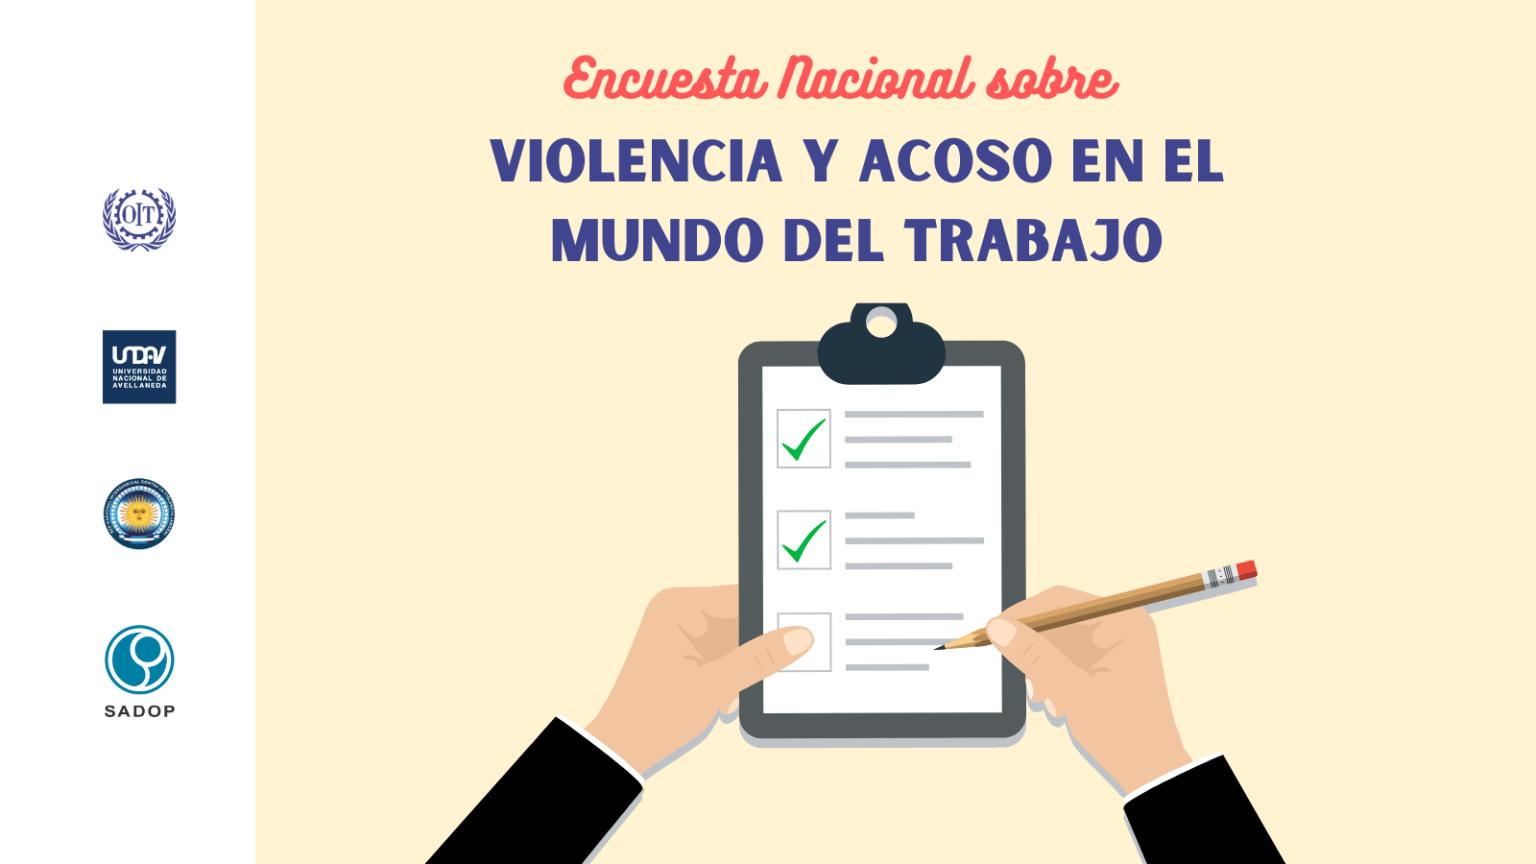 Encuesta Nacional sobre Violencia y Acoso en el Mundo del Trabajo